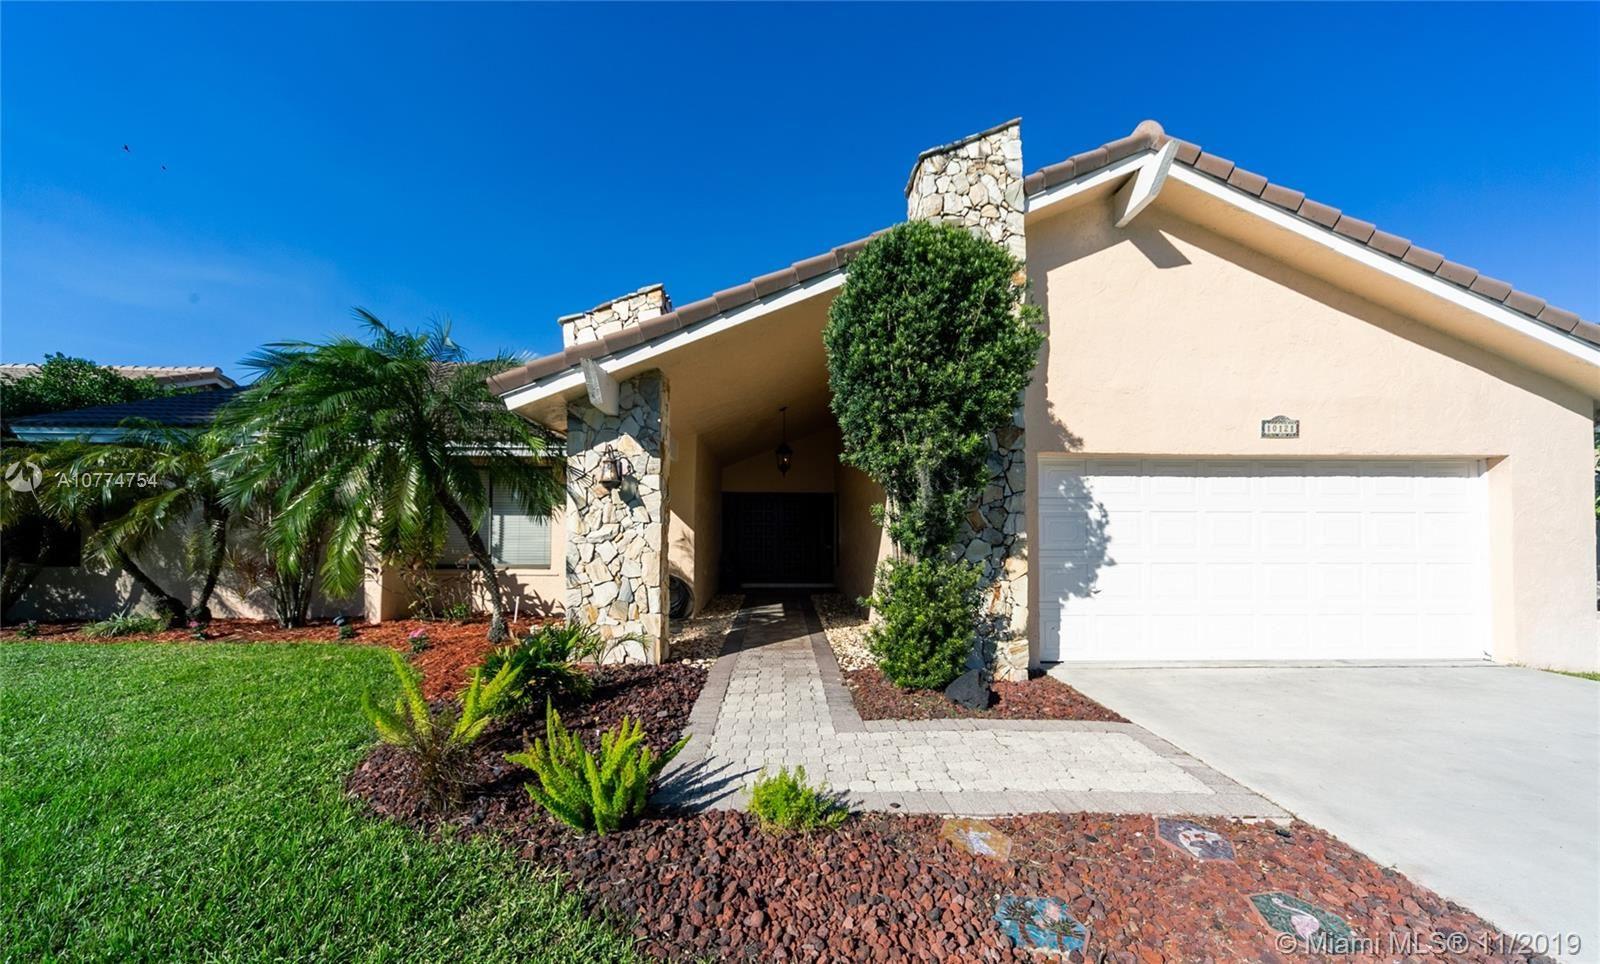 10121 NW 13th St, Plantation, FL 33322 - MLS#: A10774754